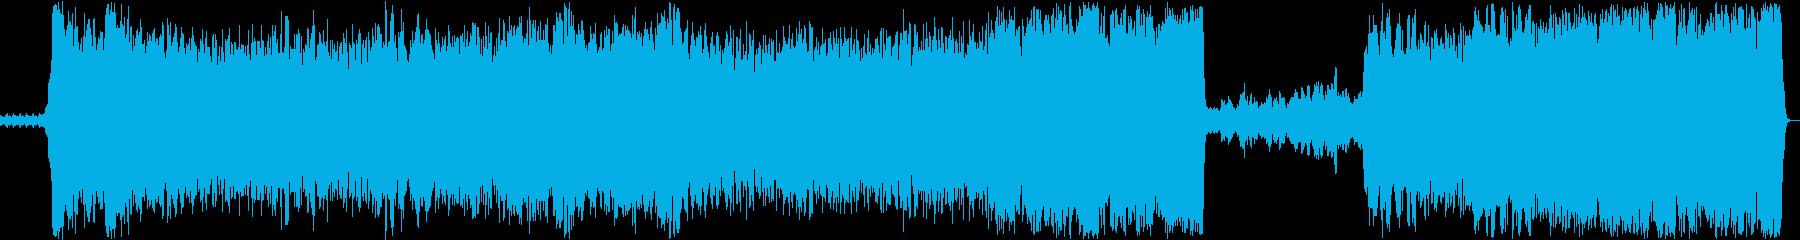 オーケストラ リズミカル 伸びやか 高揚の再生済みの波形